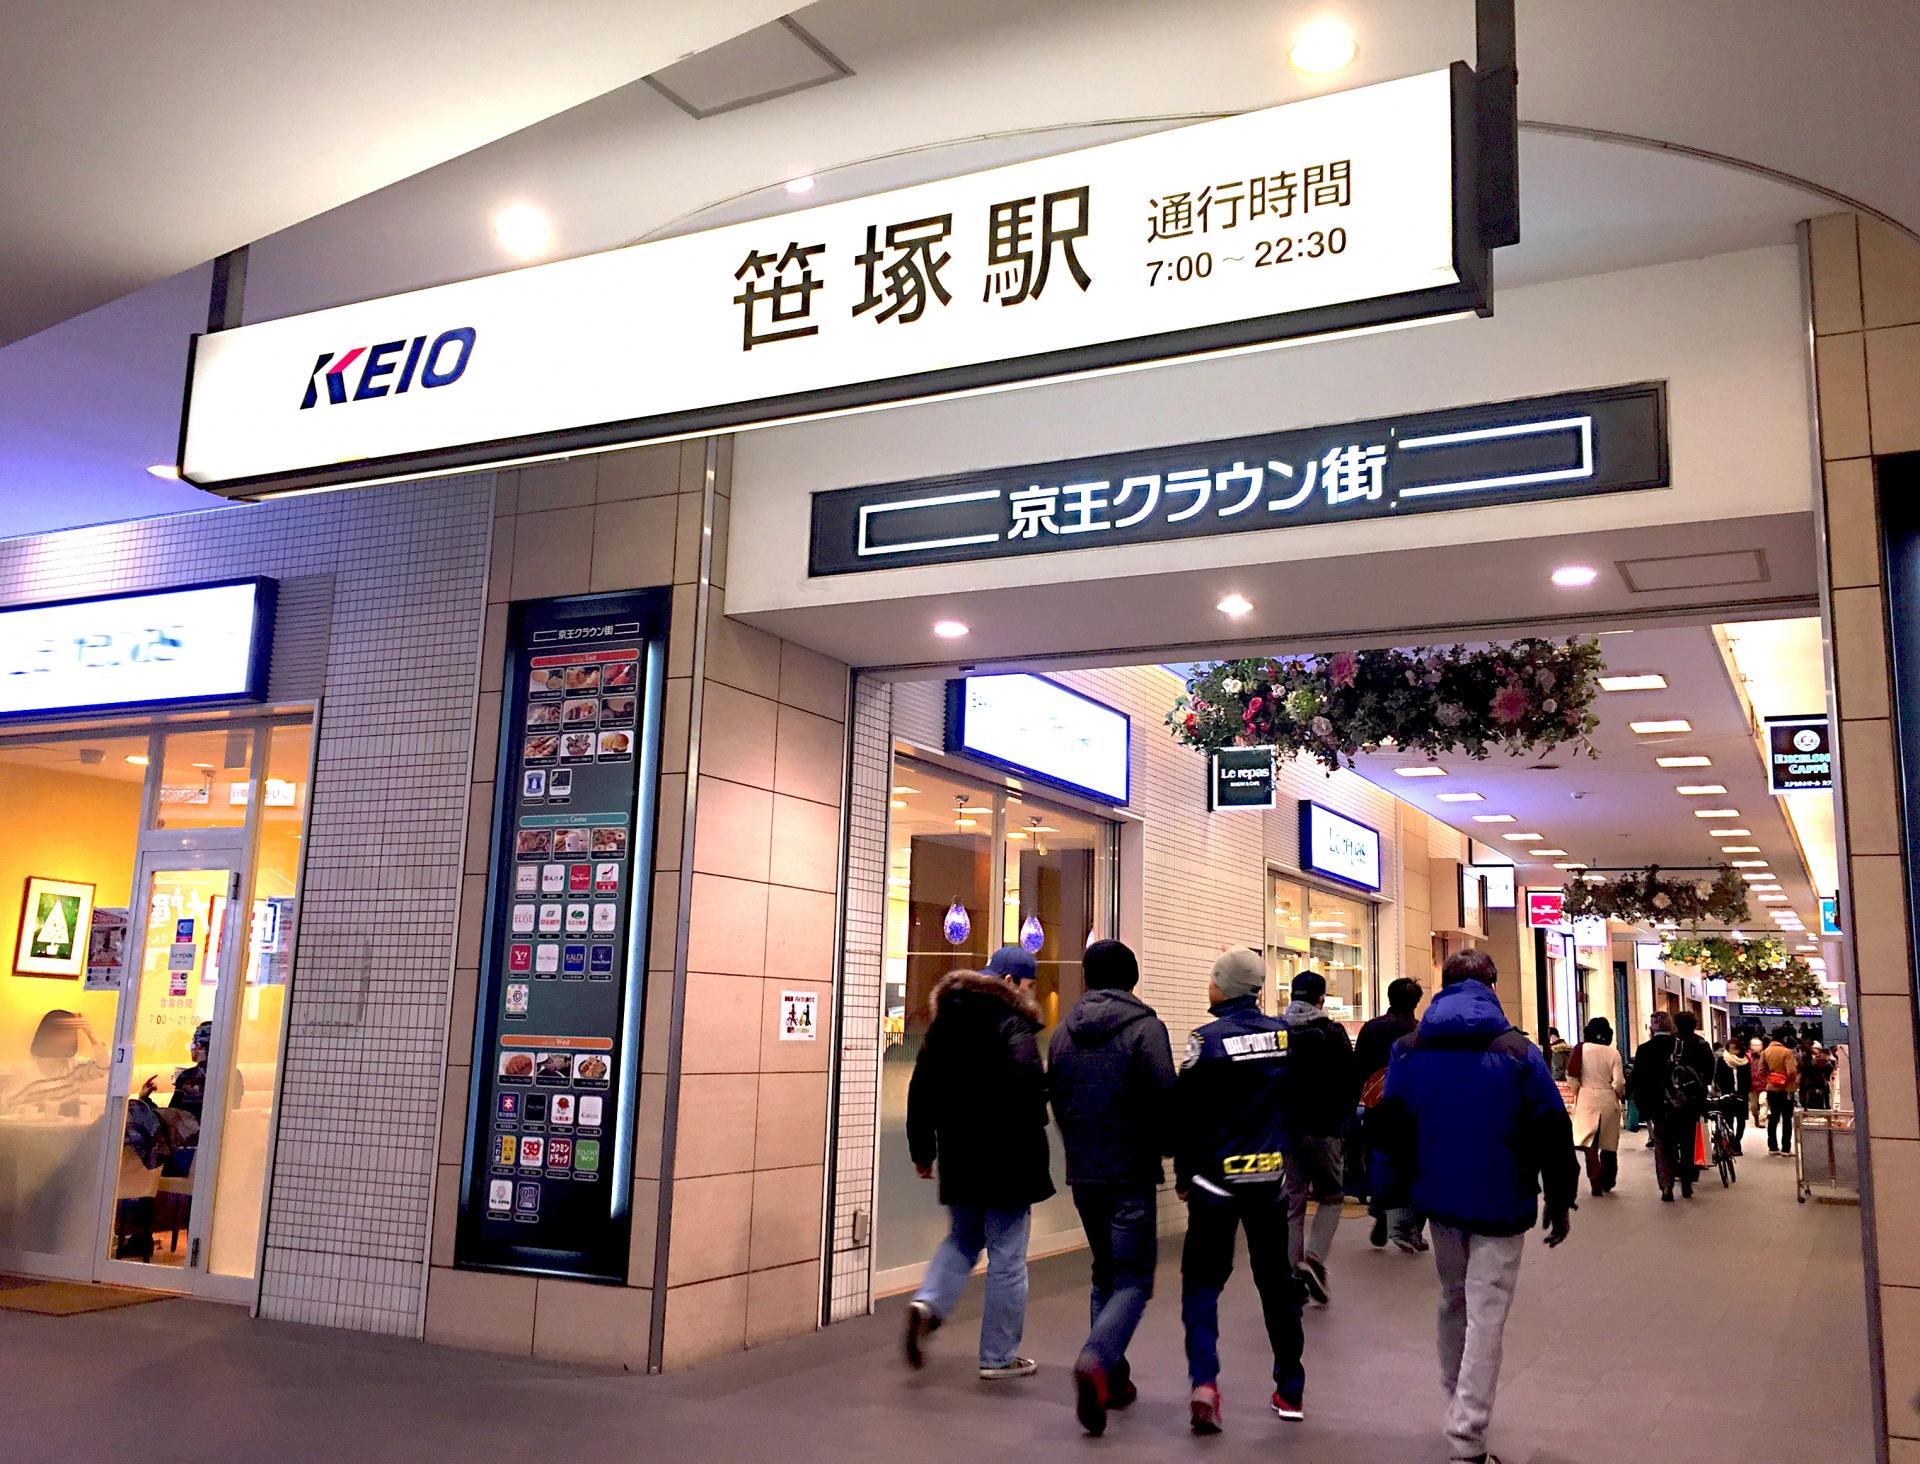 京王線 笹塚貸しスタジオ